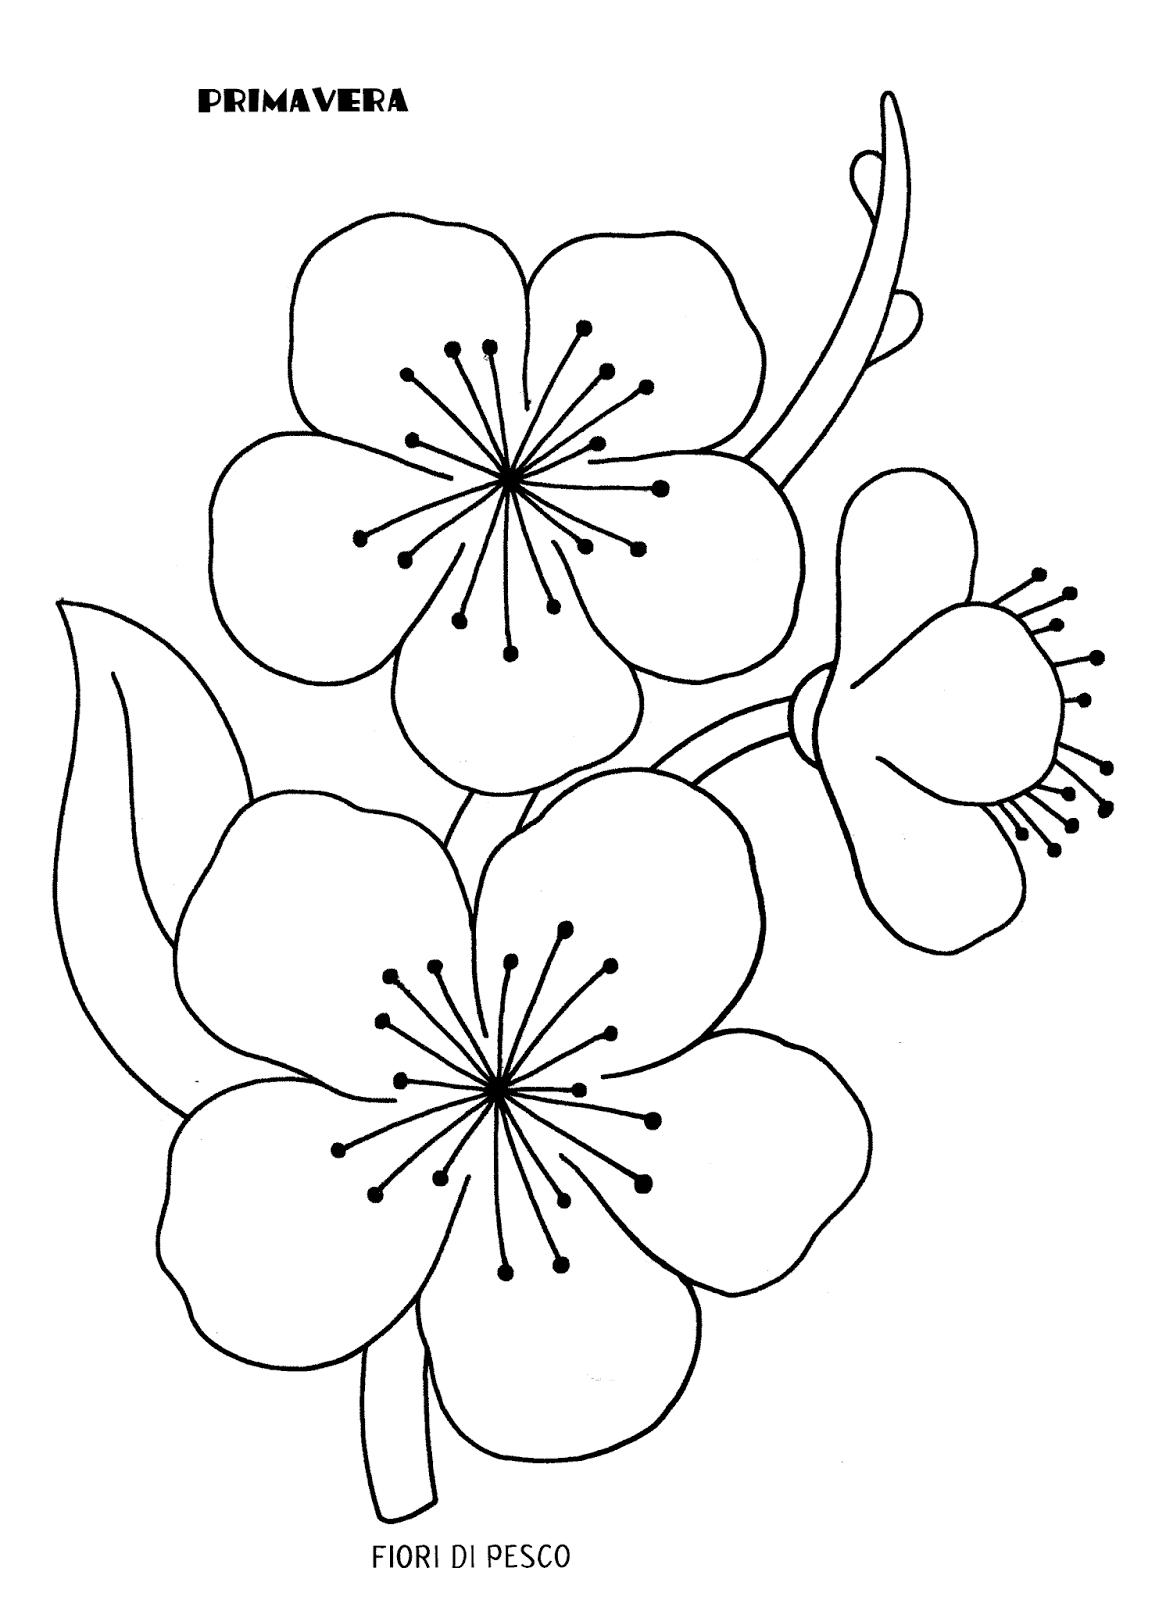 Disegni Da Colorare Primavera.La Maestra Linda Primavera Da Colorare Primavera Fiori